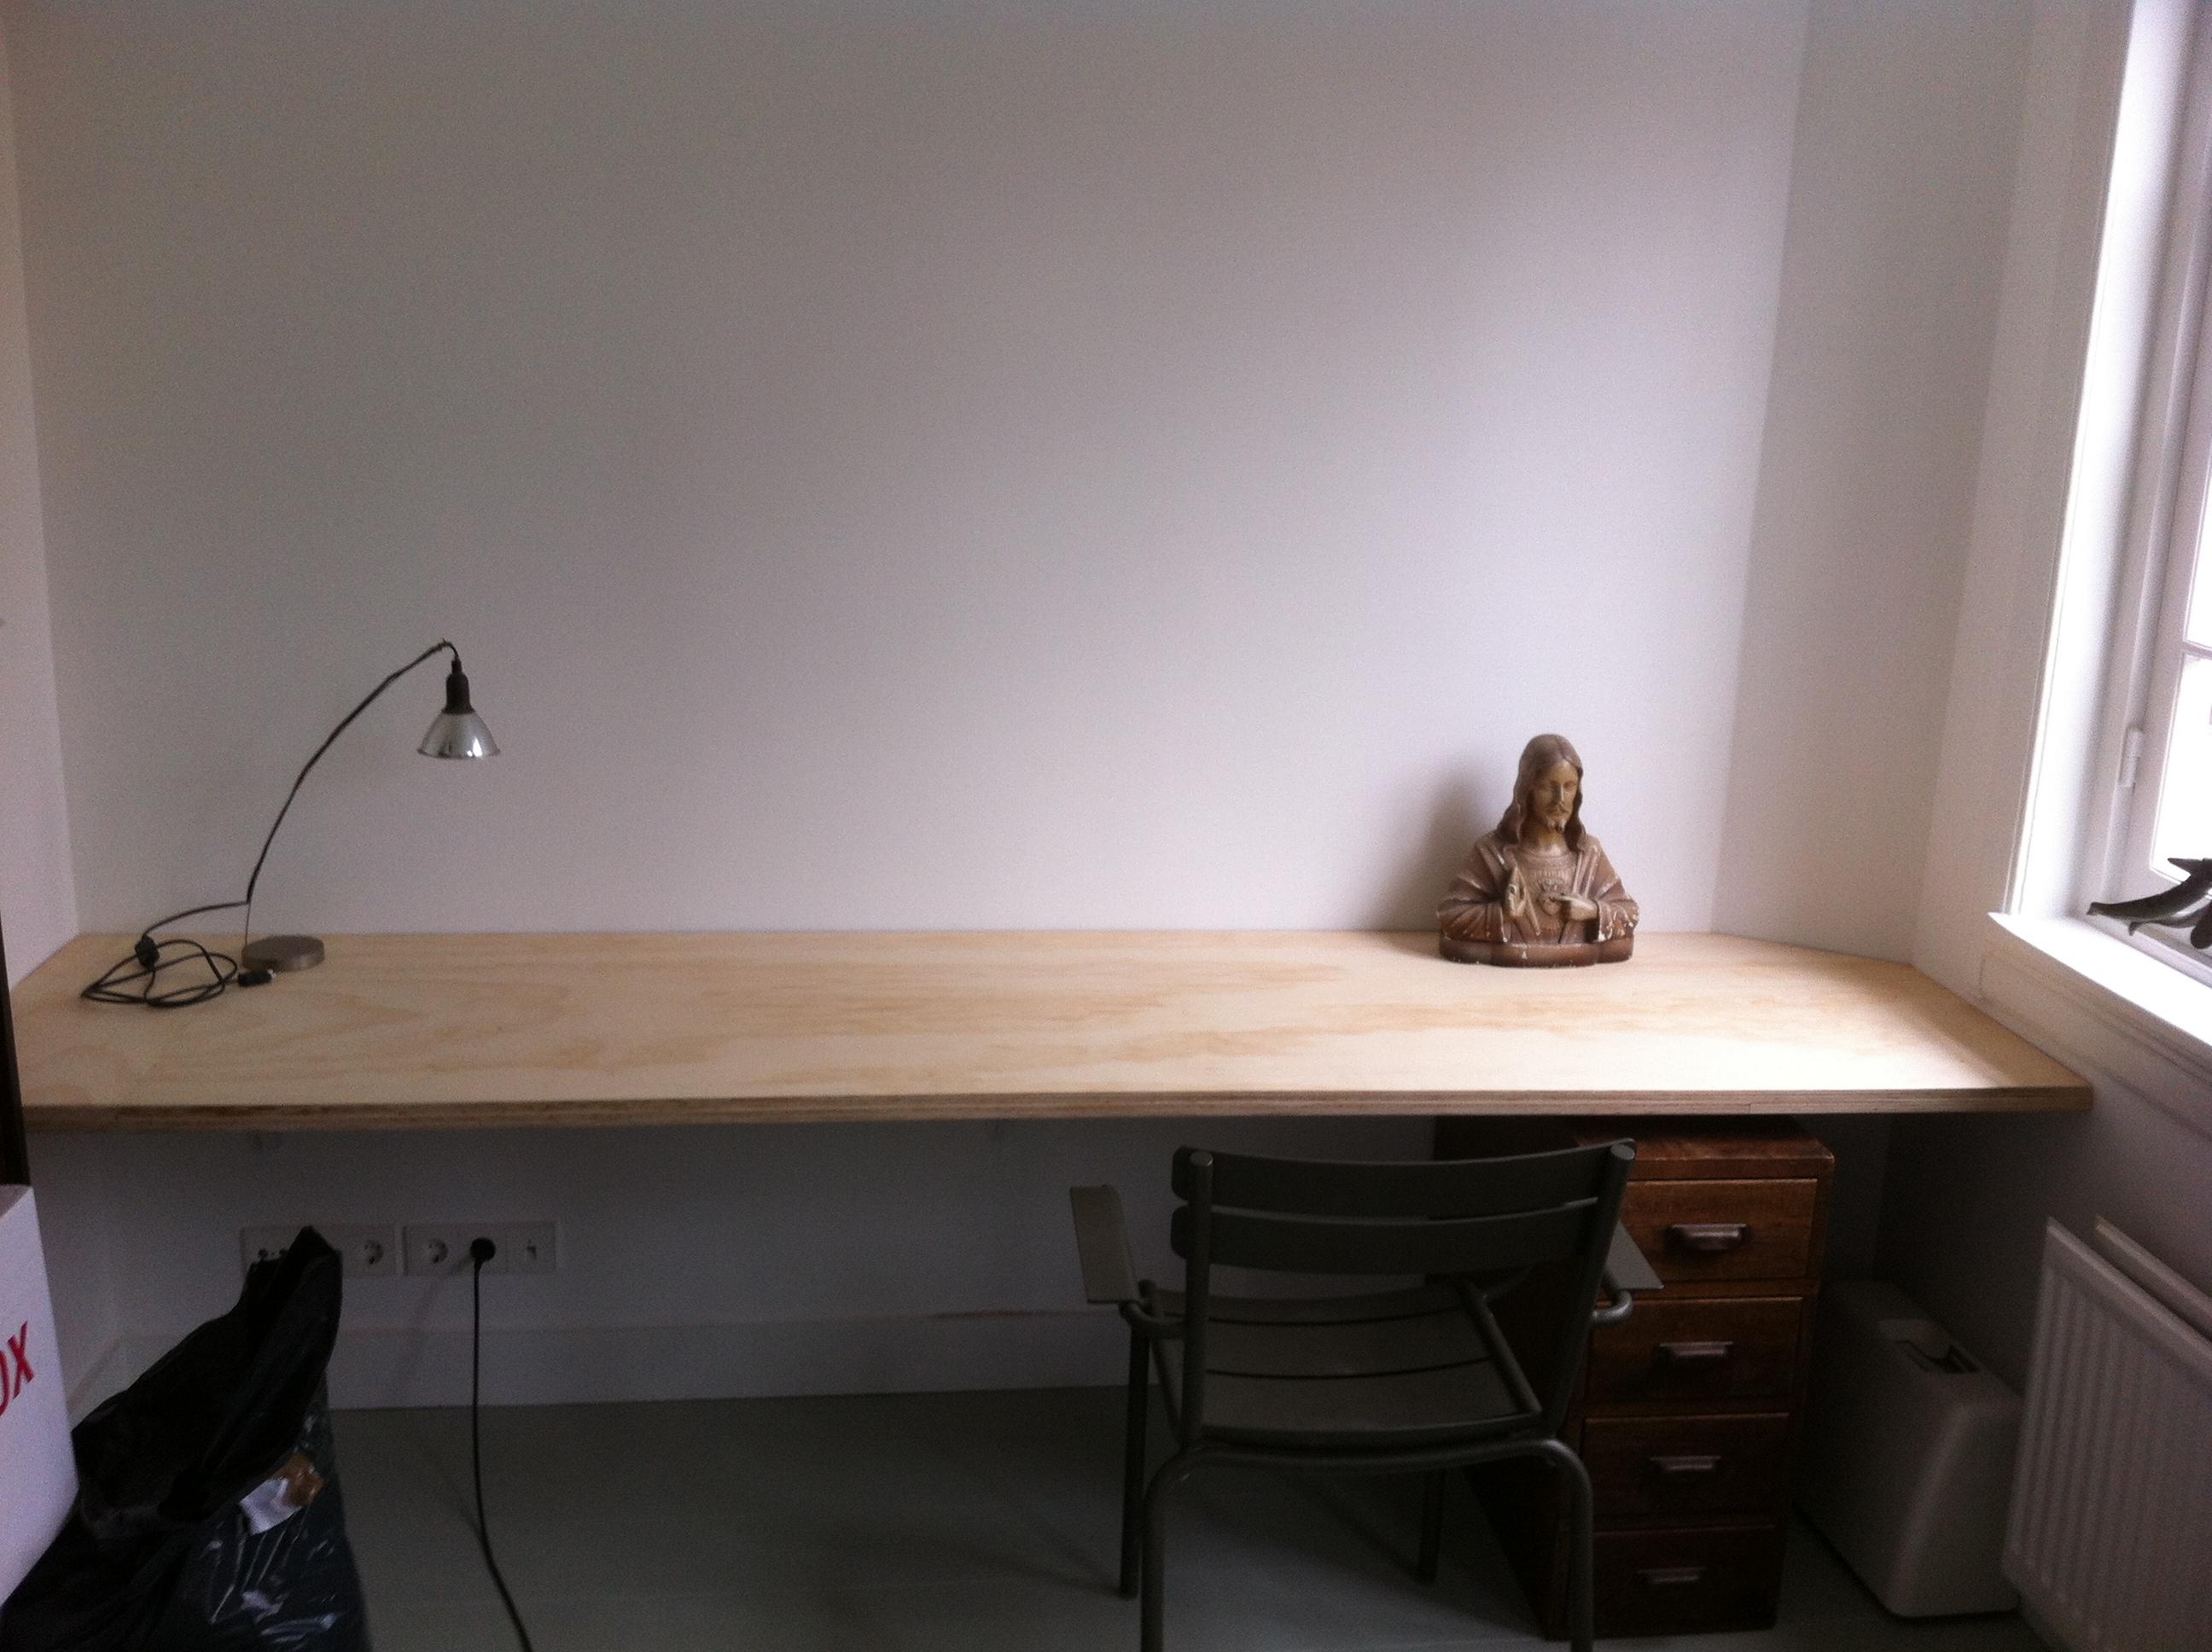 Ikea keukenkast handgrepen knap ikea kast laten monteren